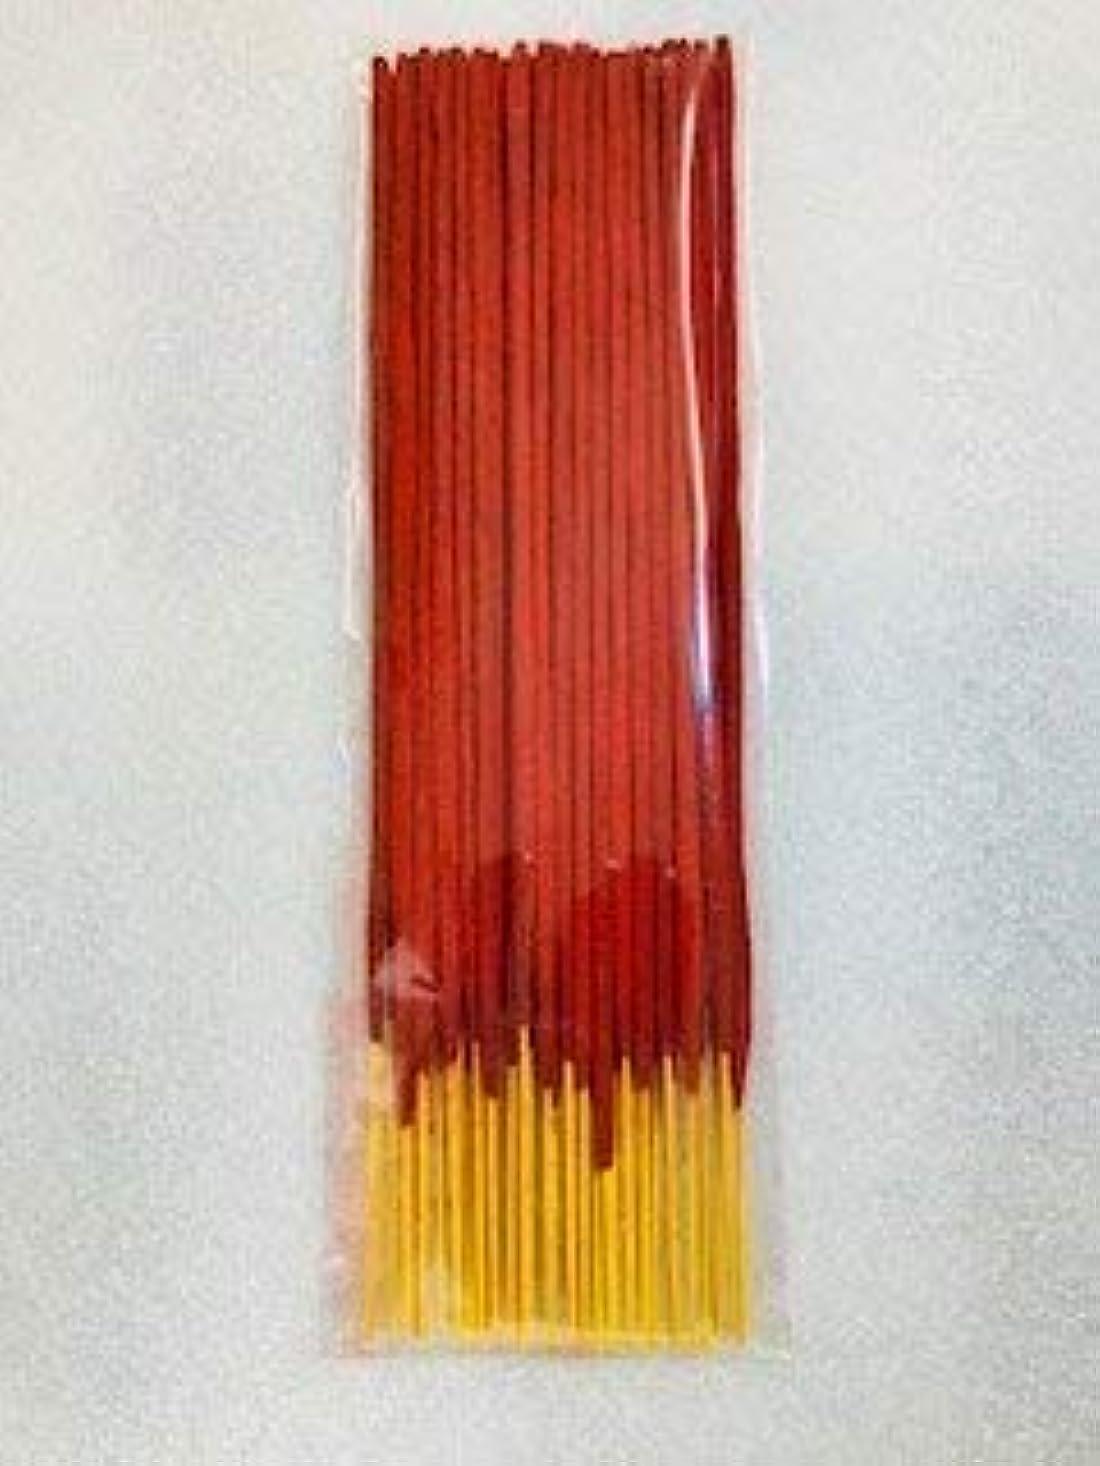 宿命死の顎ゲージGT Fragrance Marketing Agency Saffron Incense Sticks (100 g) Bundle of 2 Packs